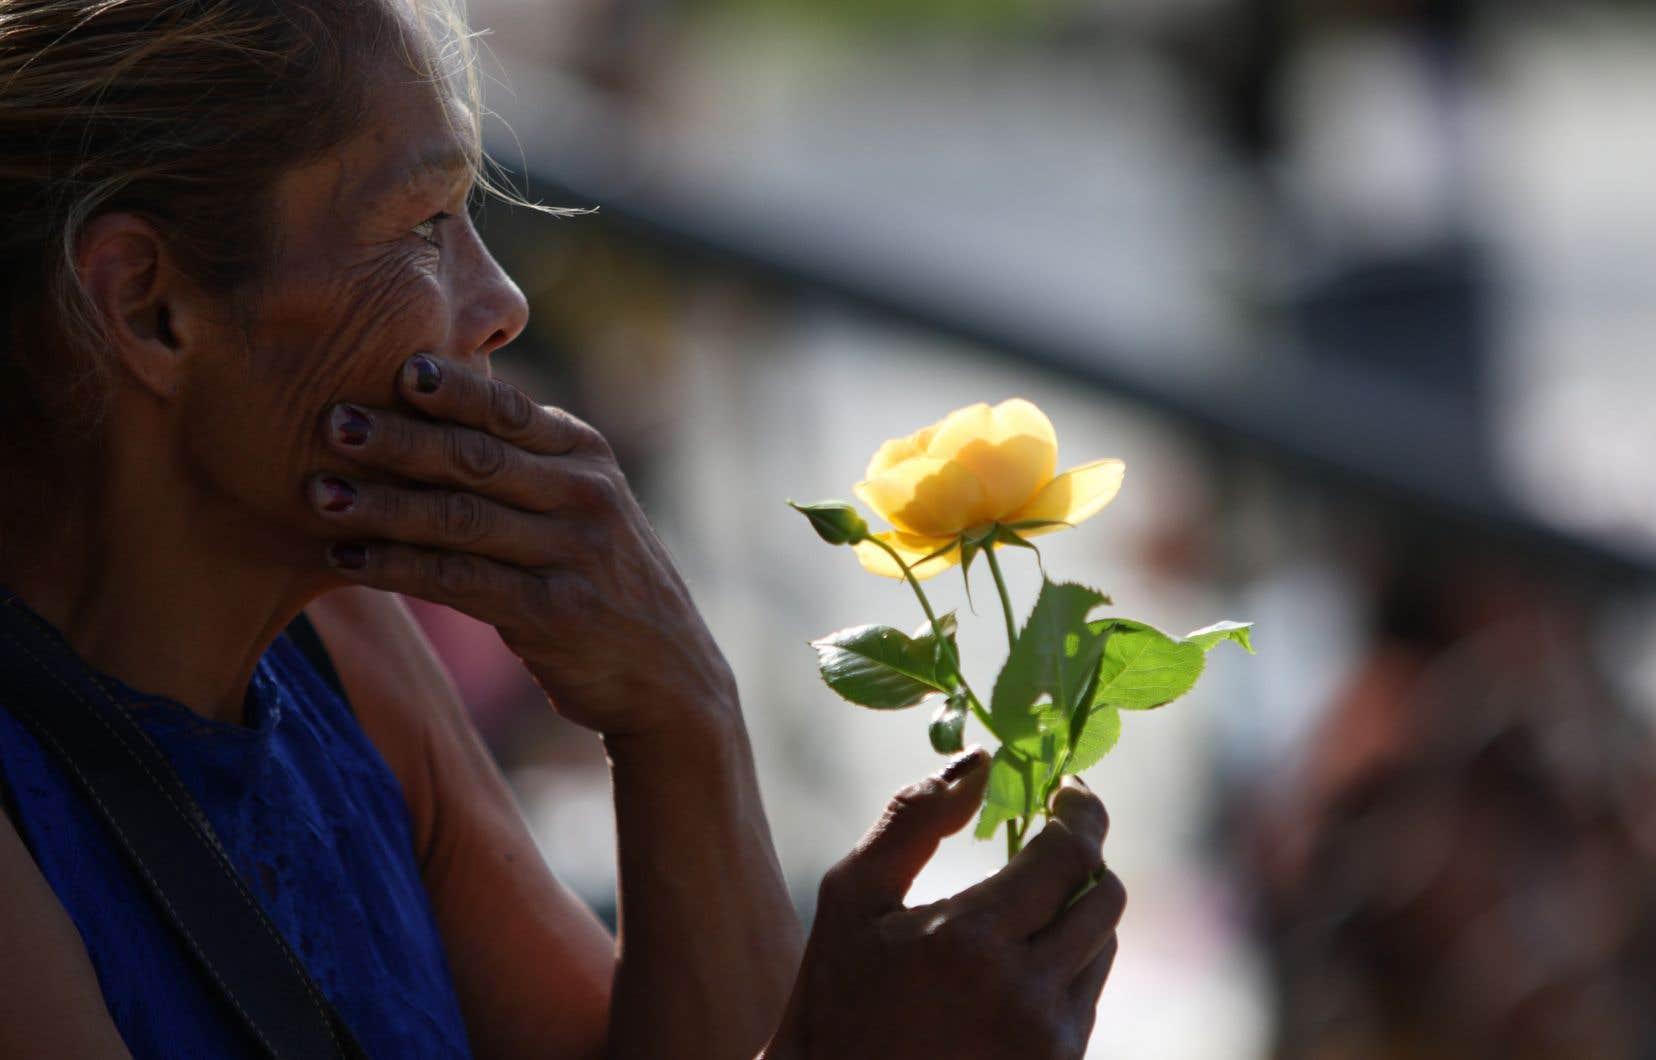 Un rassemblement de guérison avait lieu jeudi en Colombie-Britannique en l'honneur de Chantel Moore, morte aux mains de policiers au Nouveau-Brunswick.